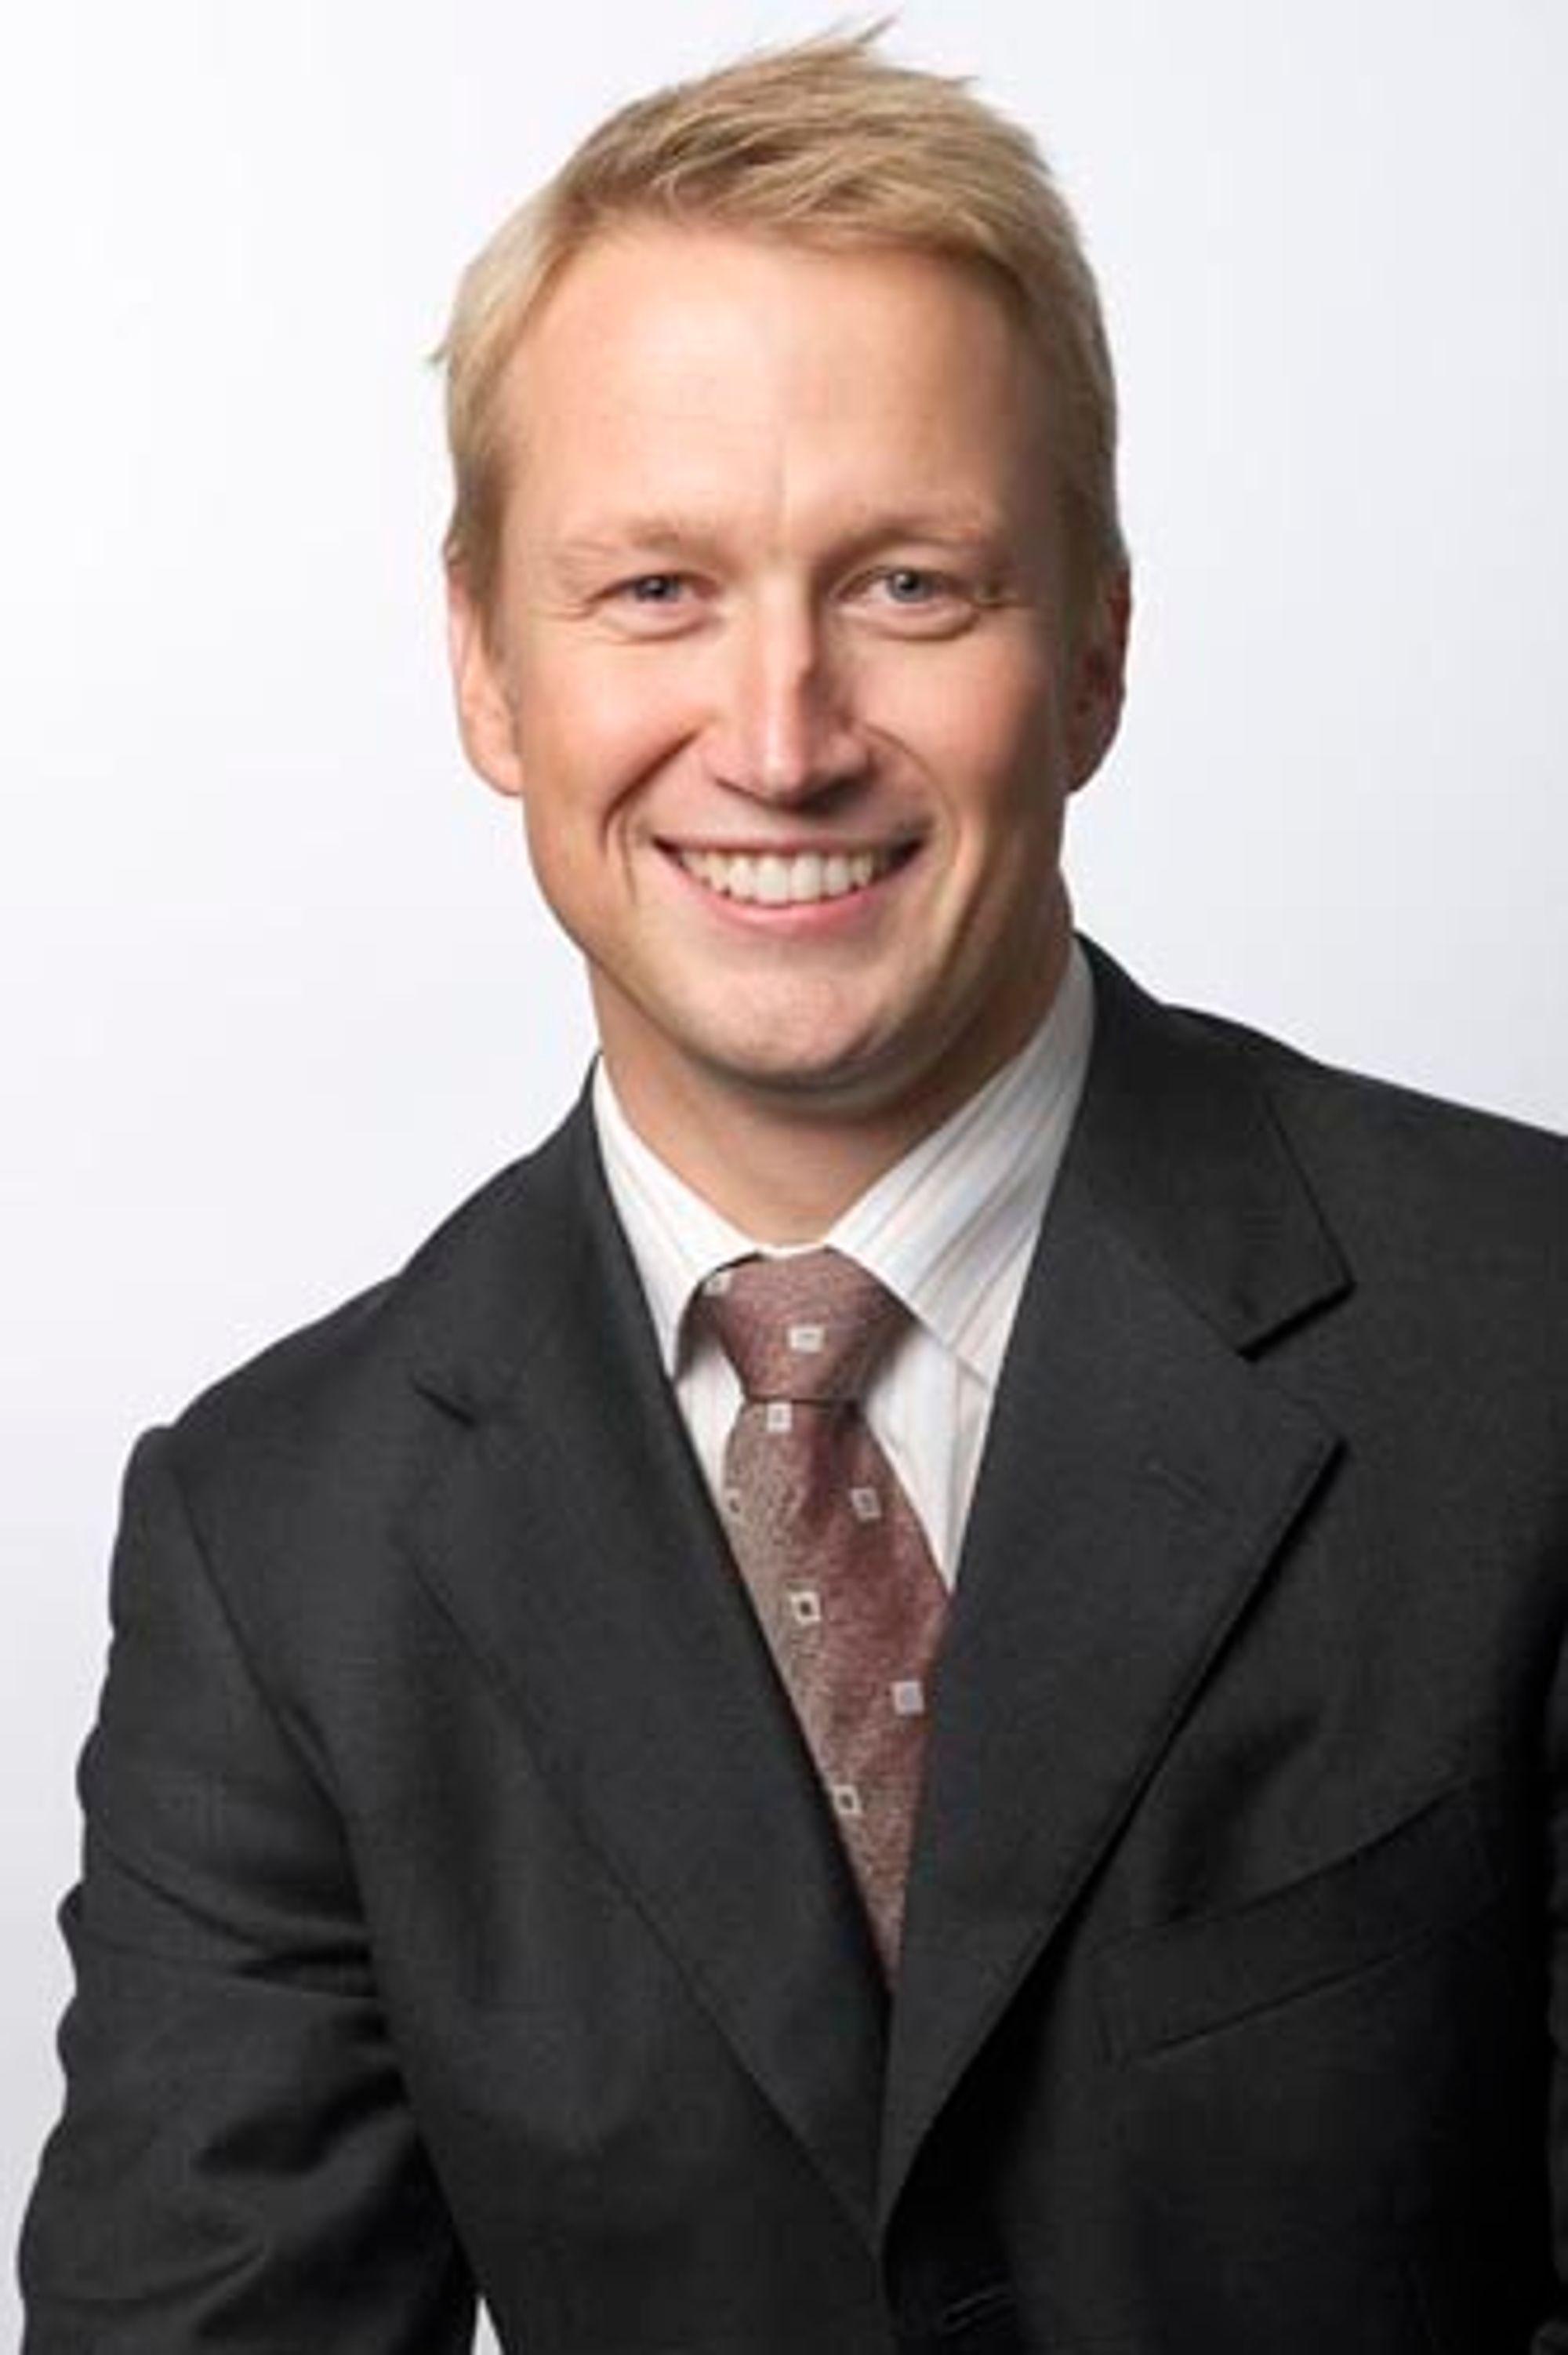 GRUNN TIL Å SMILE:Tandbergs europasjef, Geir Olsen, gleder seg over kraftig vekst i salget.